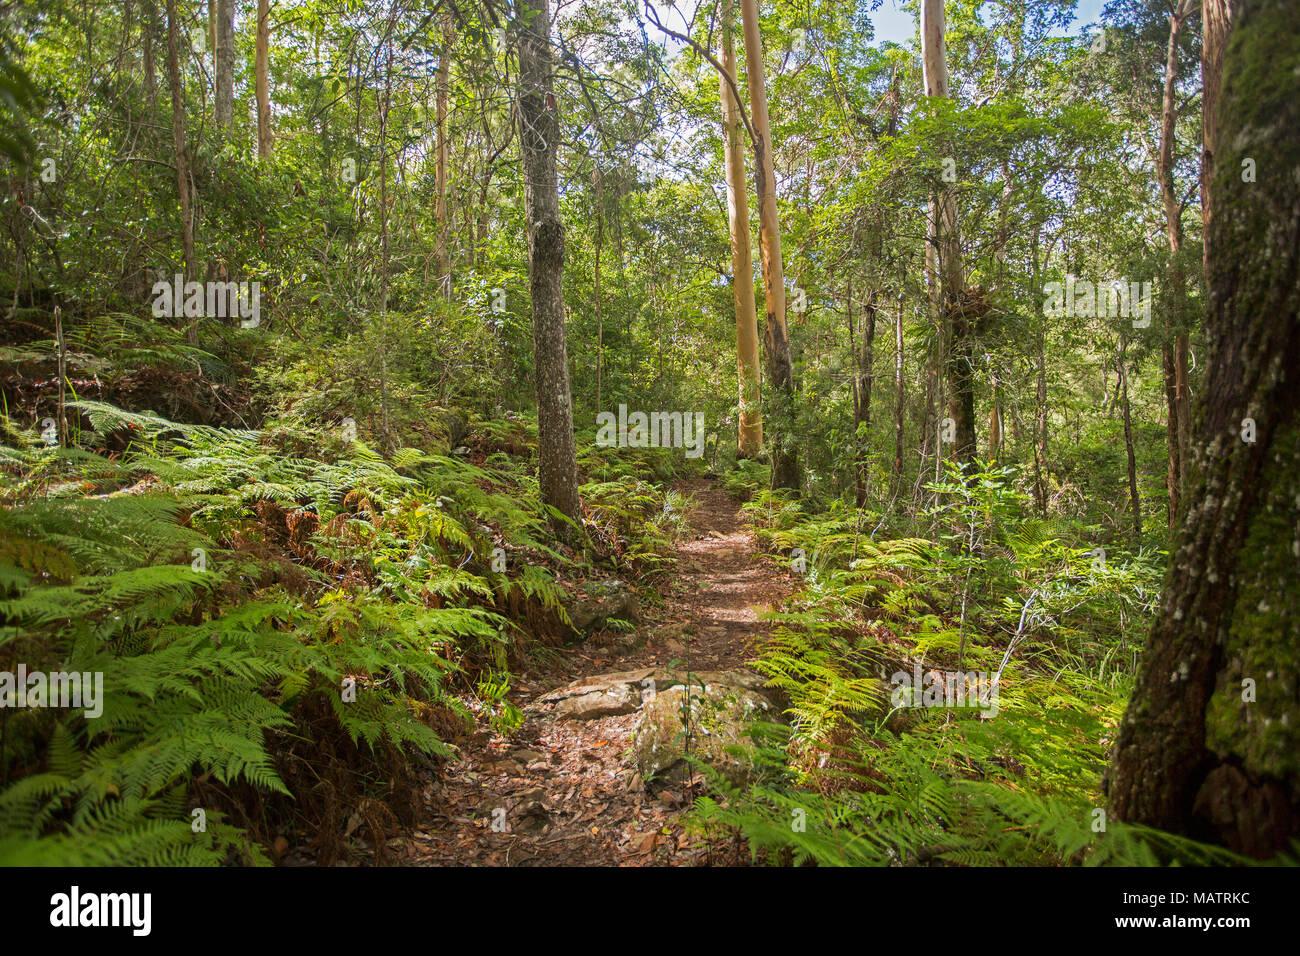 Esmeralda densos bosques de helechos y bracken roto por un estrecho sendero en el Parque Nacional de rangos Conondale Queensland Australia Imagen De Stock